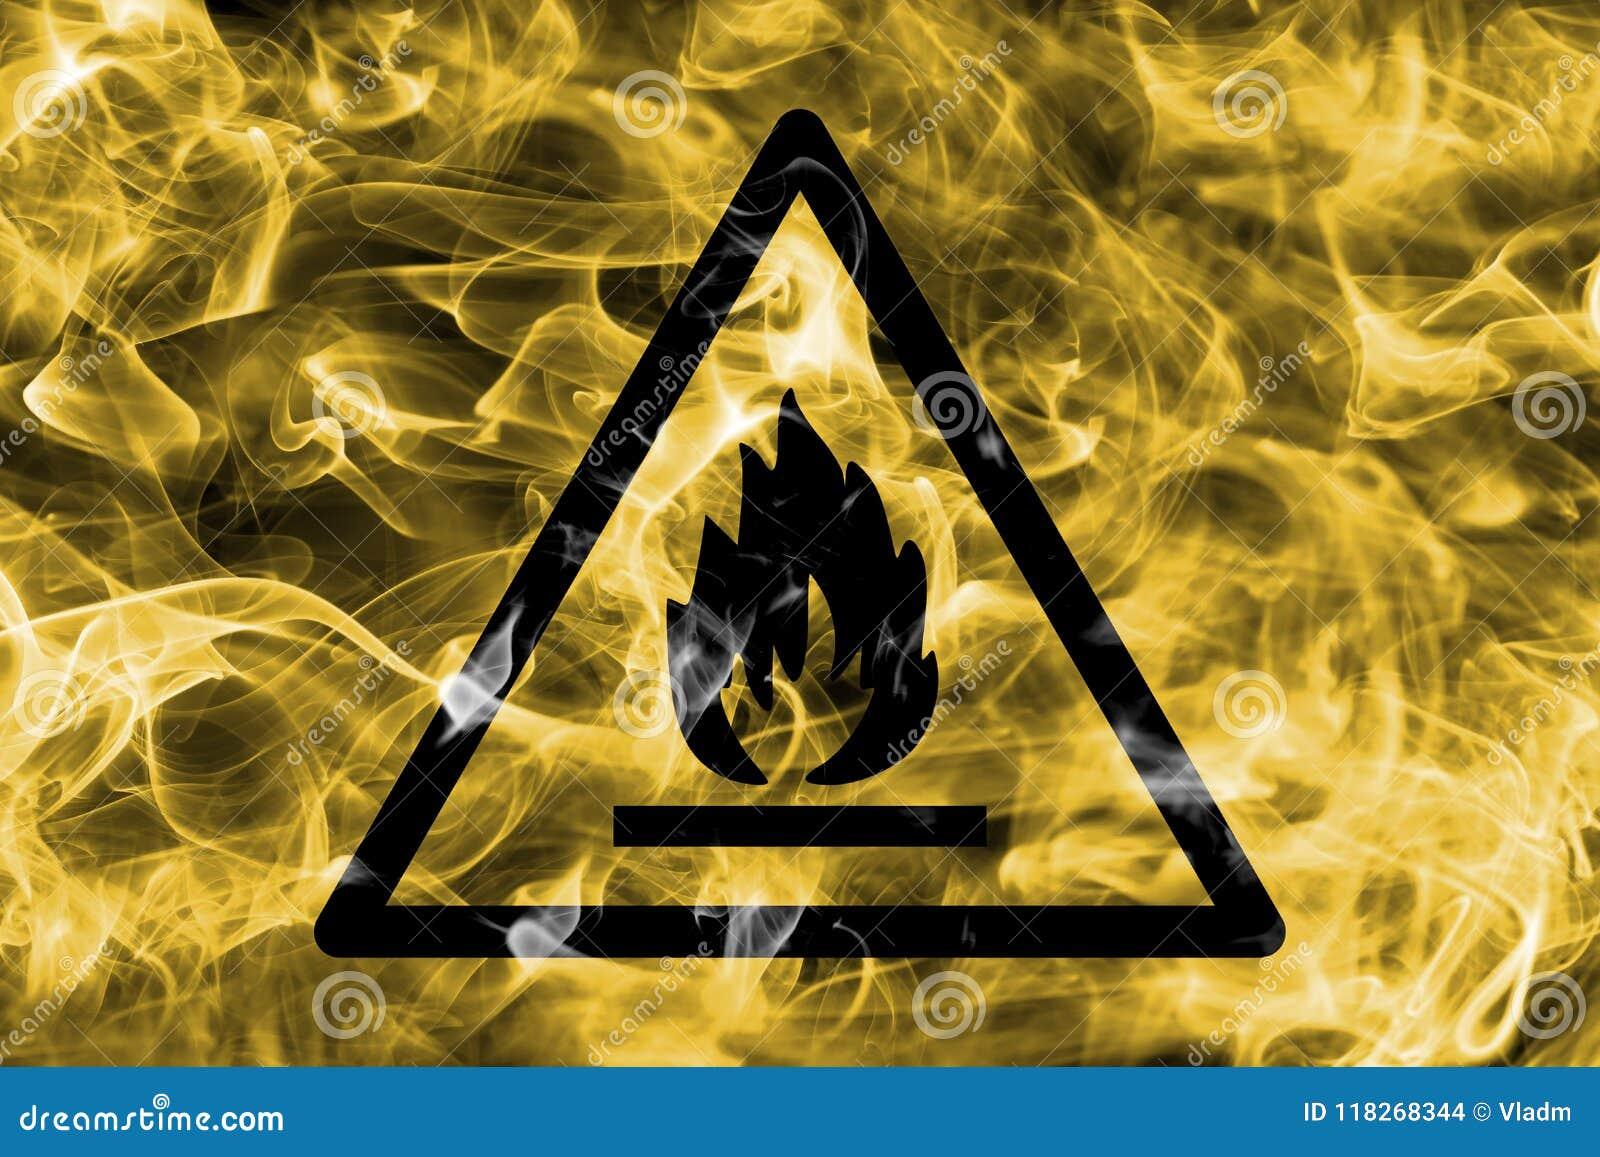 可燃烧和易燃材料冒险警告烟标志 T